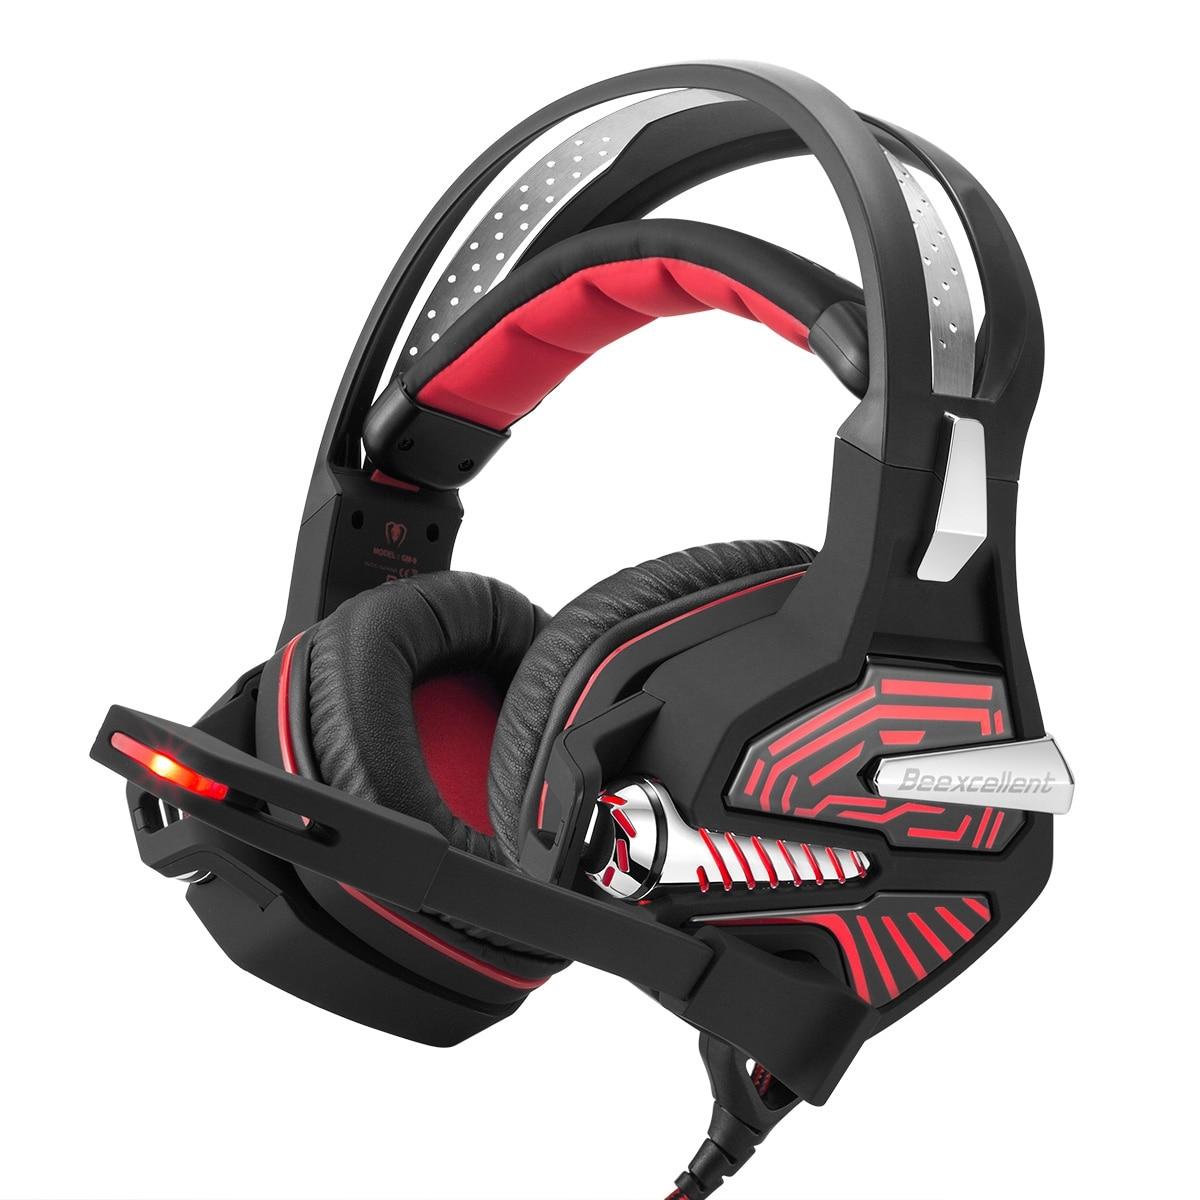 Beexcellent casque de jeu USB GM-9 7.1 Surround basse son sur l'oreille casque avec Microphone, lumières de LED et contrôle du Volume (R